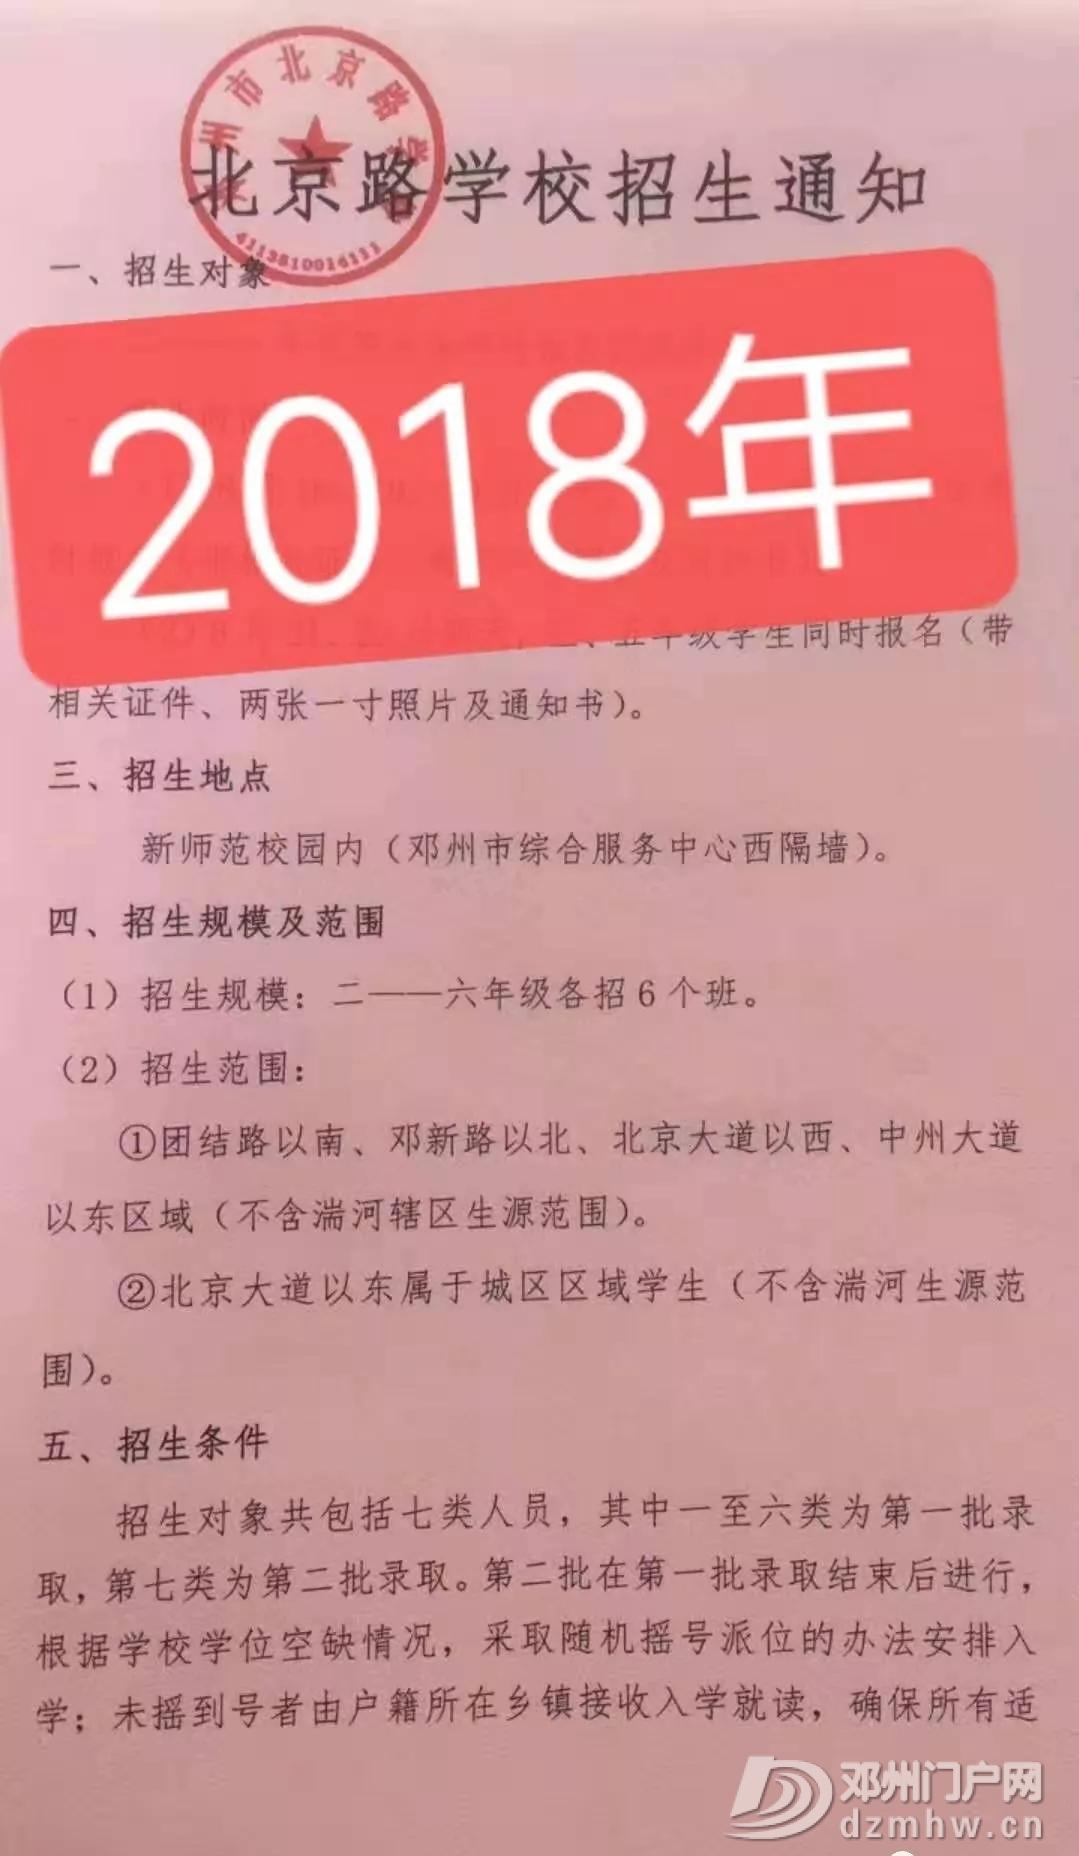 在邓州买了学区房,结果孩子却不能在附近学校上学,怨谁? - 邓州门户网|邓州网 - 640.webp10_WPS图片.jpg